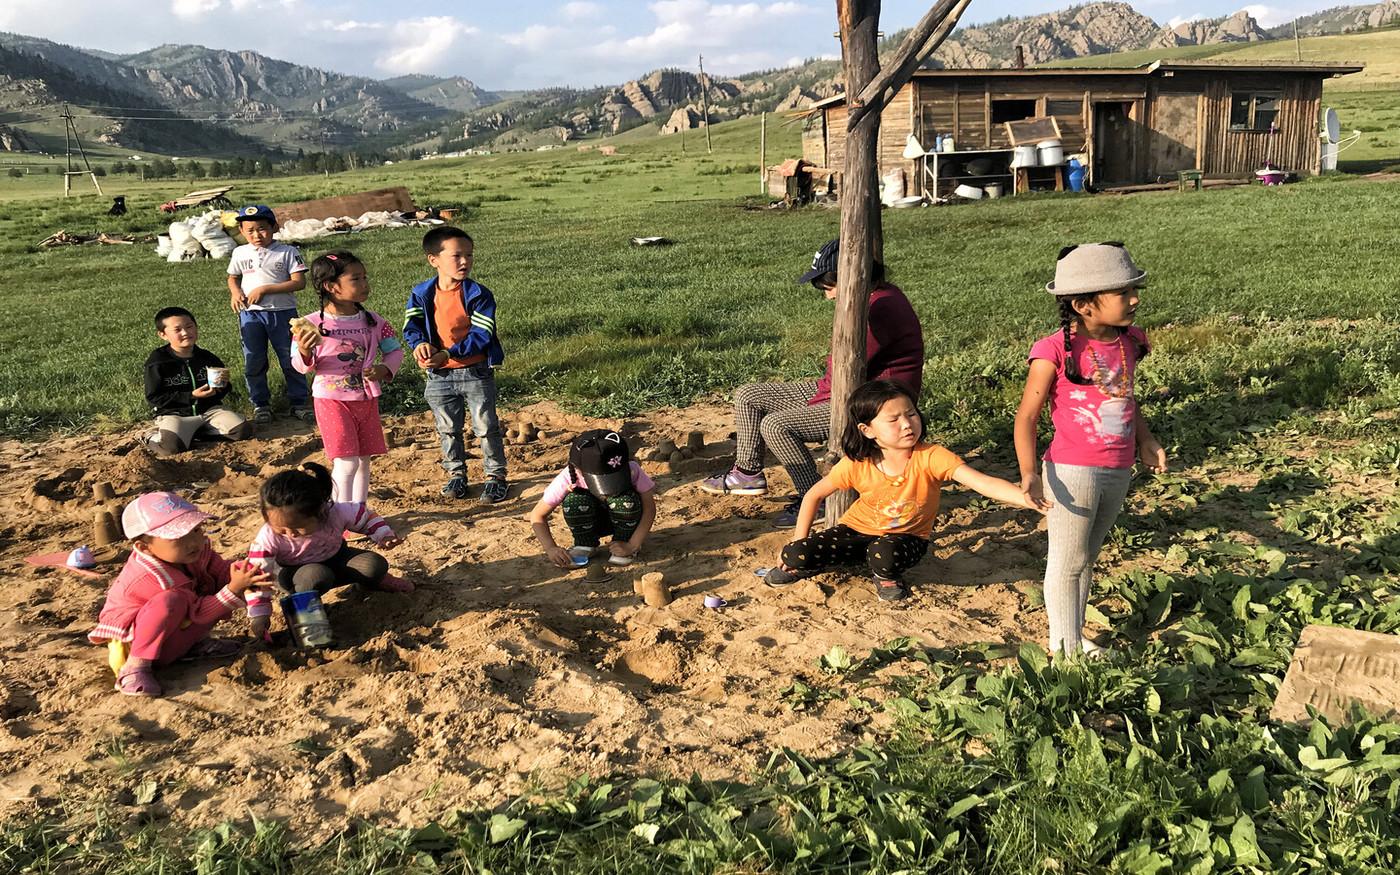 Kinder in der Mongolei